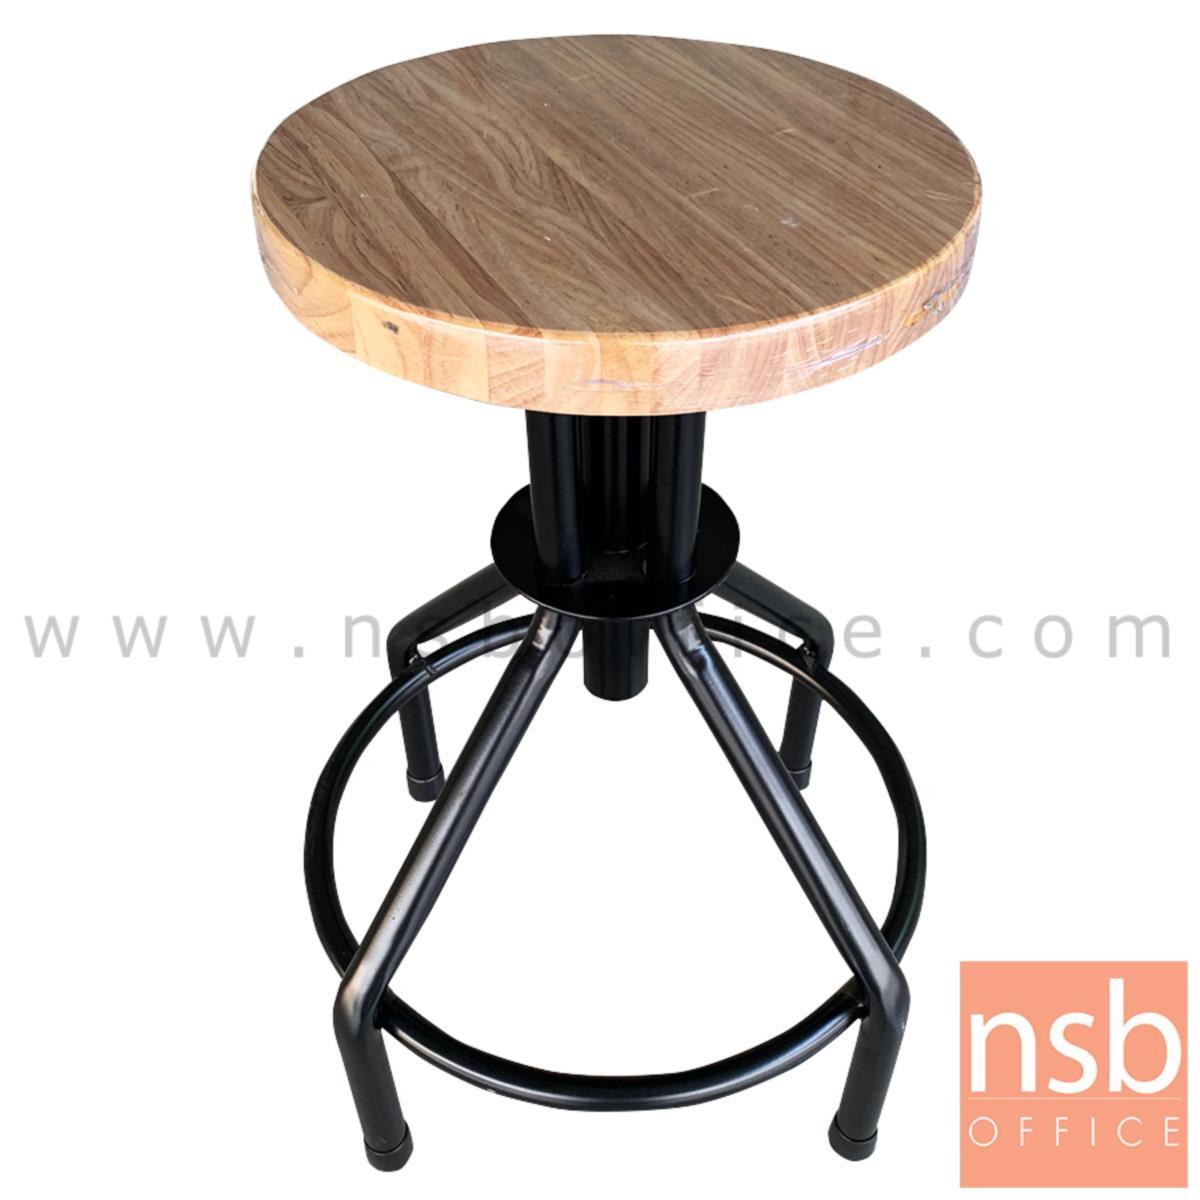 B09A124:เก้าอี้บาร์สตูลหน้าไม้ที่นั่งกลม รุ่น TDT-061  ขาเหล็กพ่นดำ